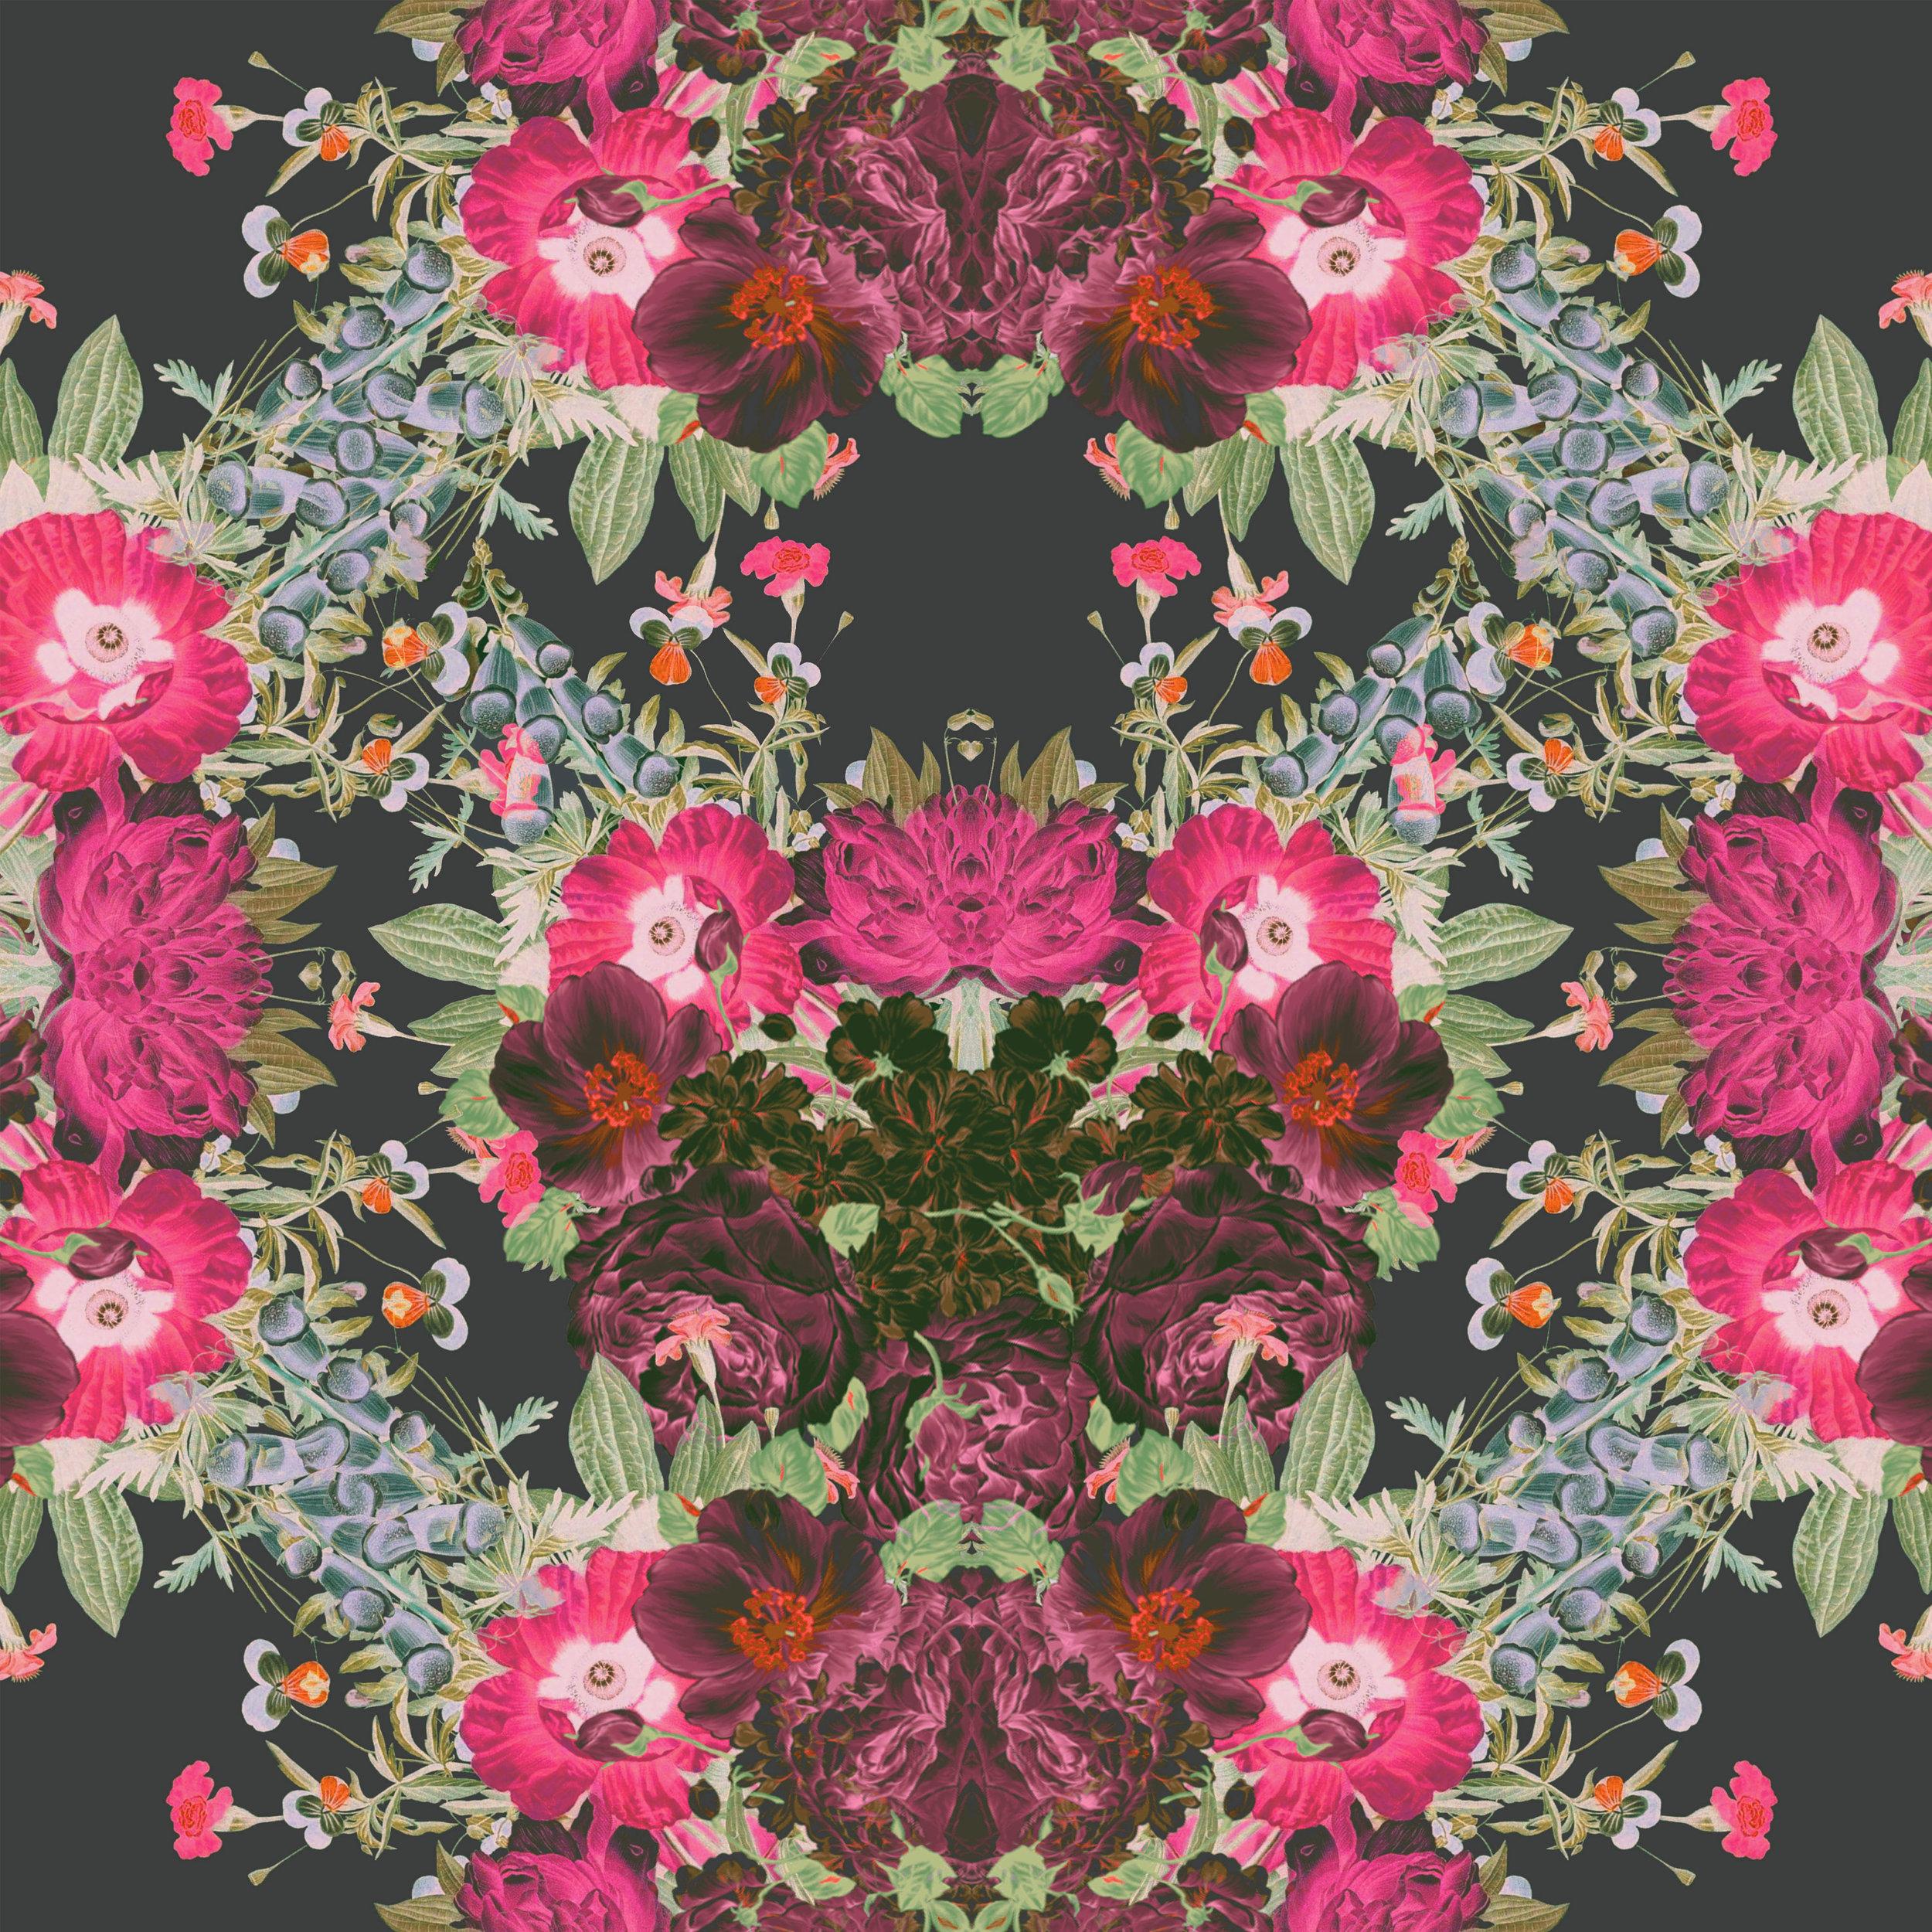 lovegarden_back_v1 copy.jpg